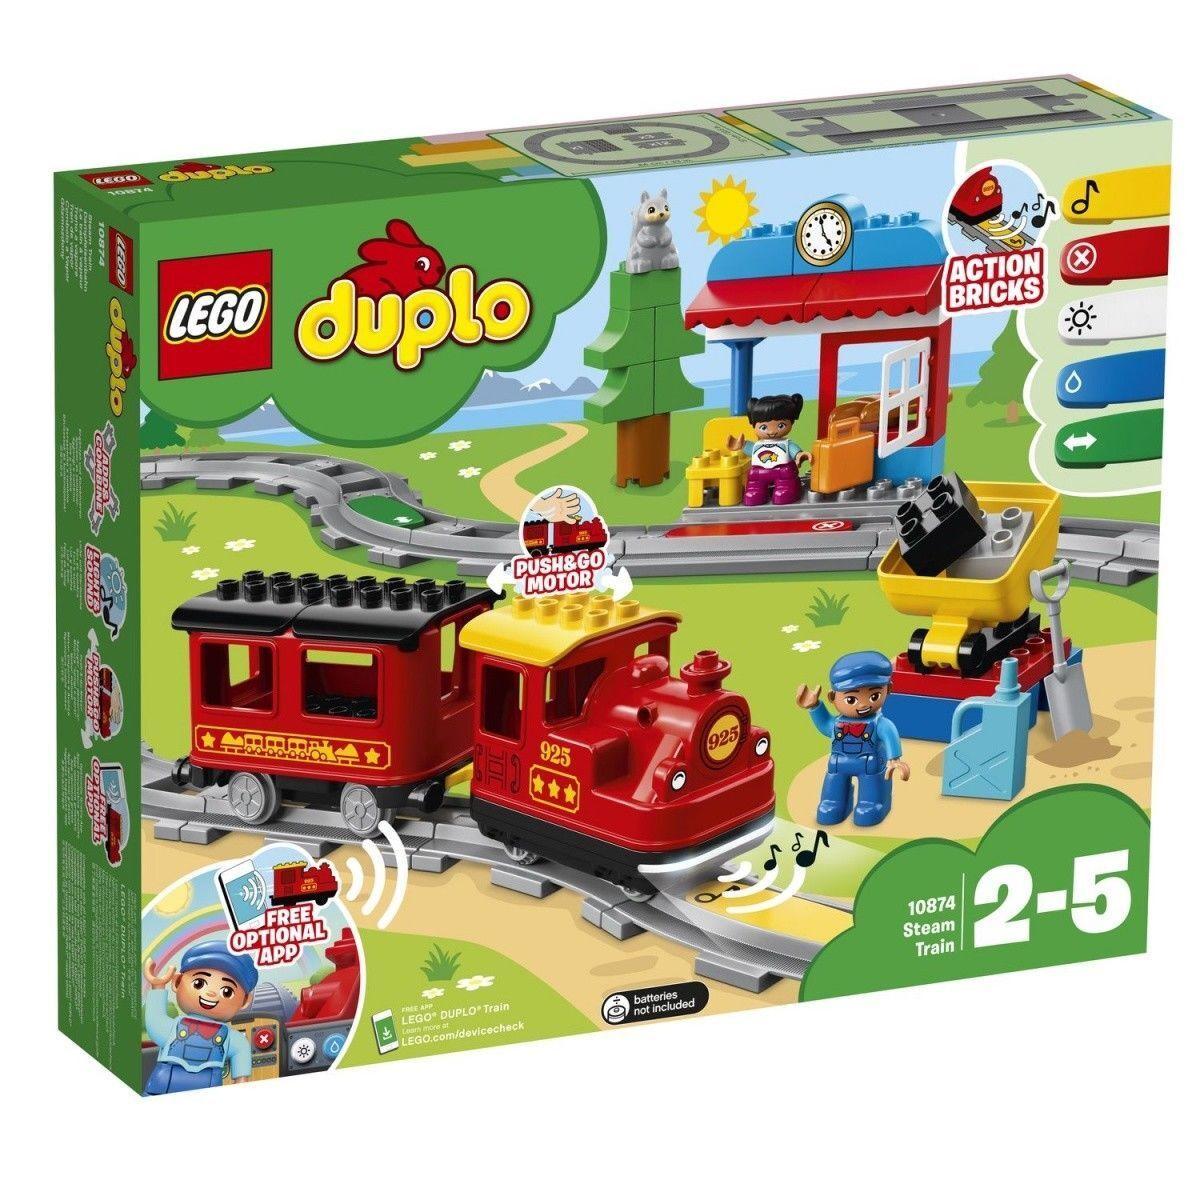 LEGO 10874 DUPLO-treni a vapore  NUOVO OVP  negozio online